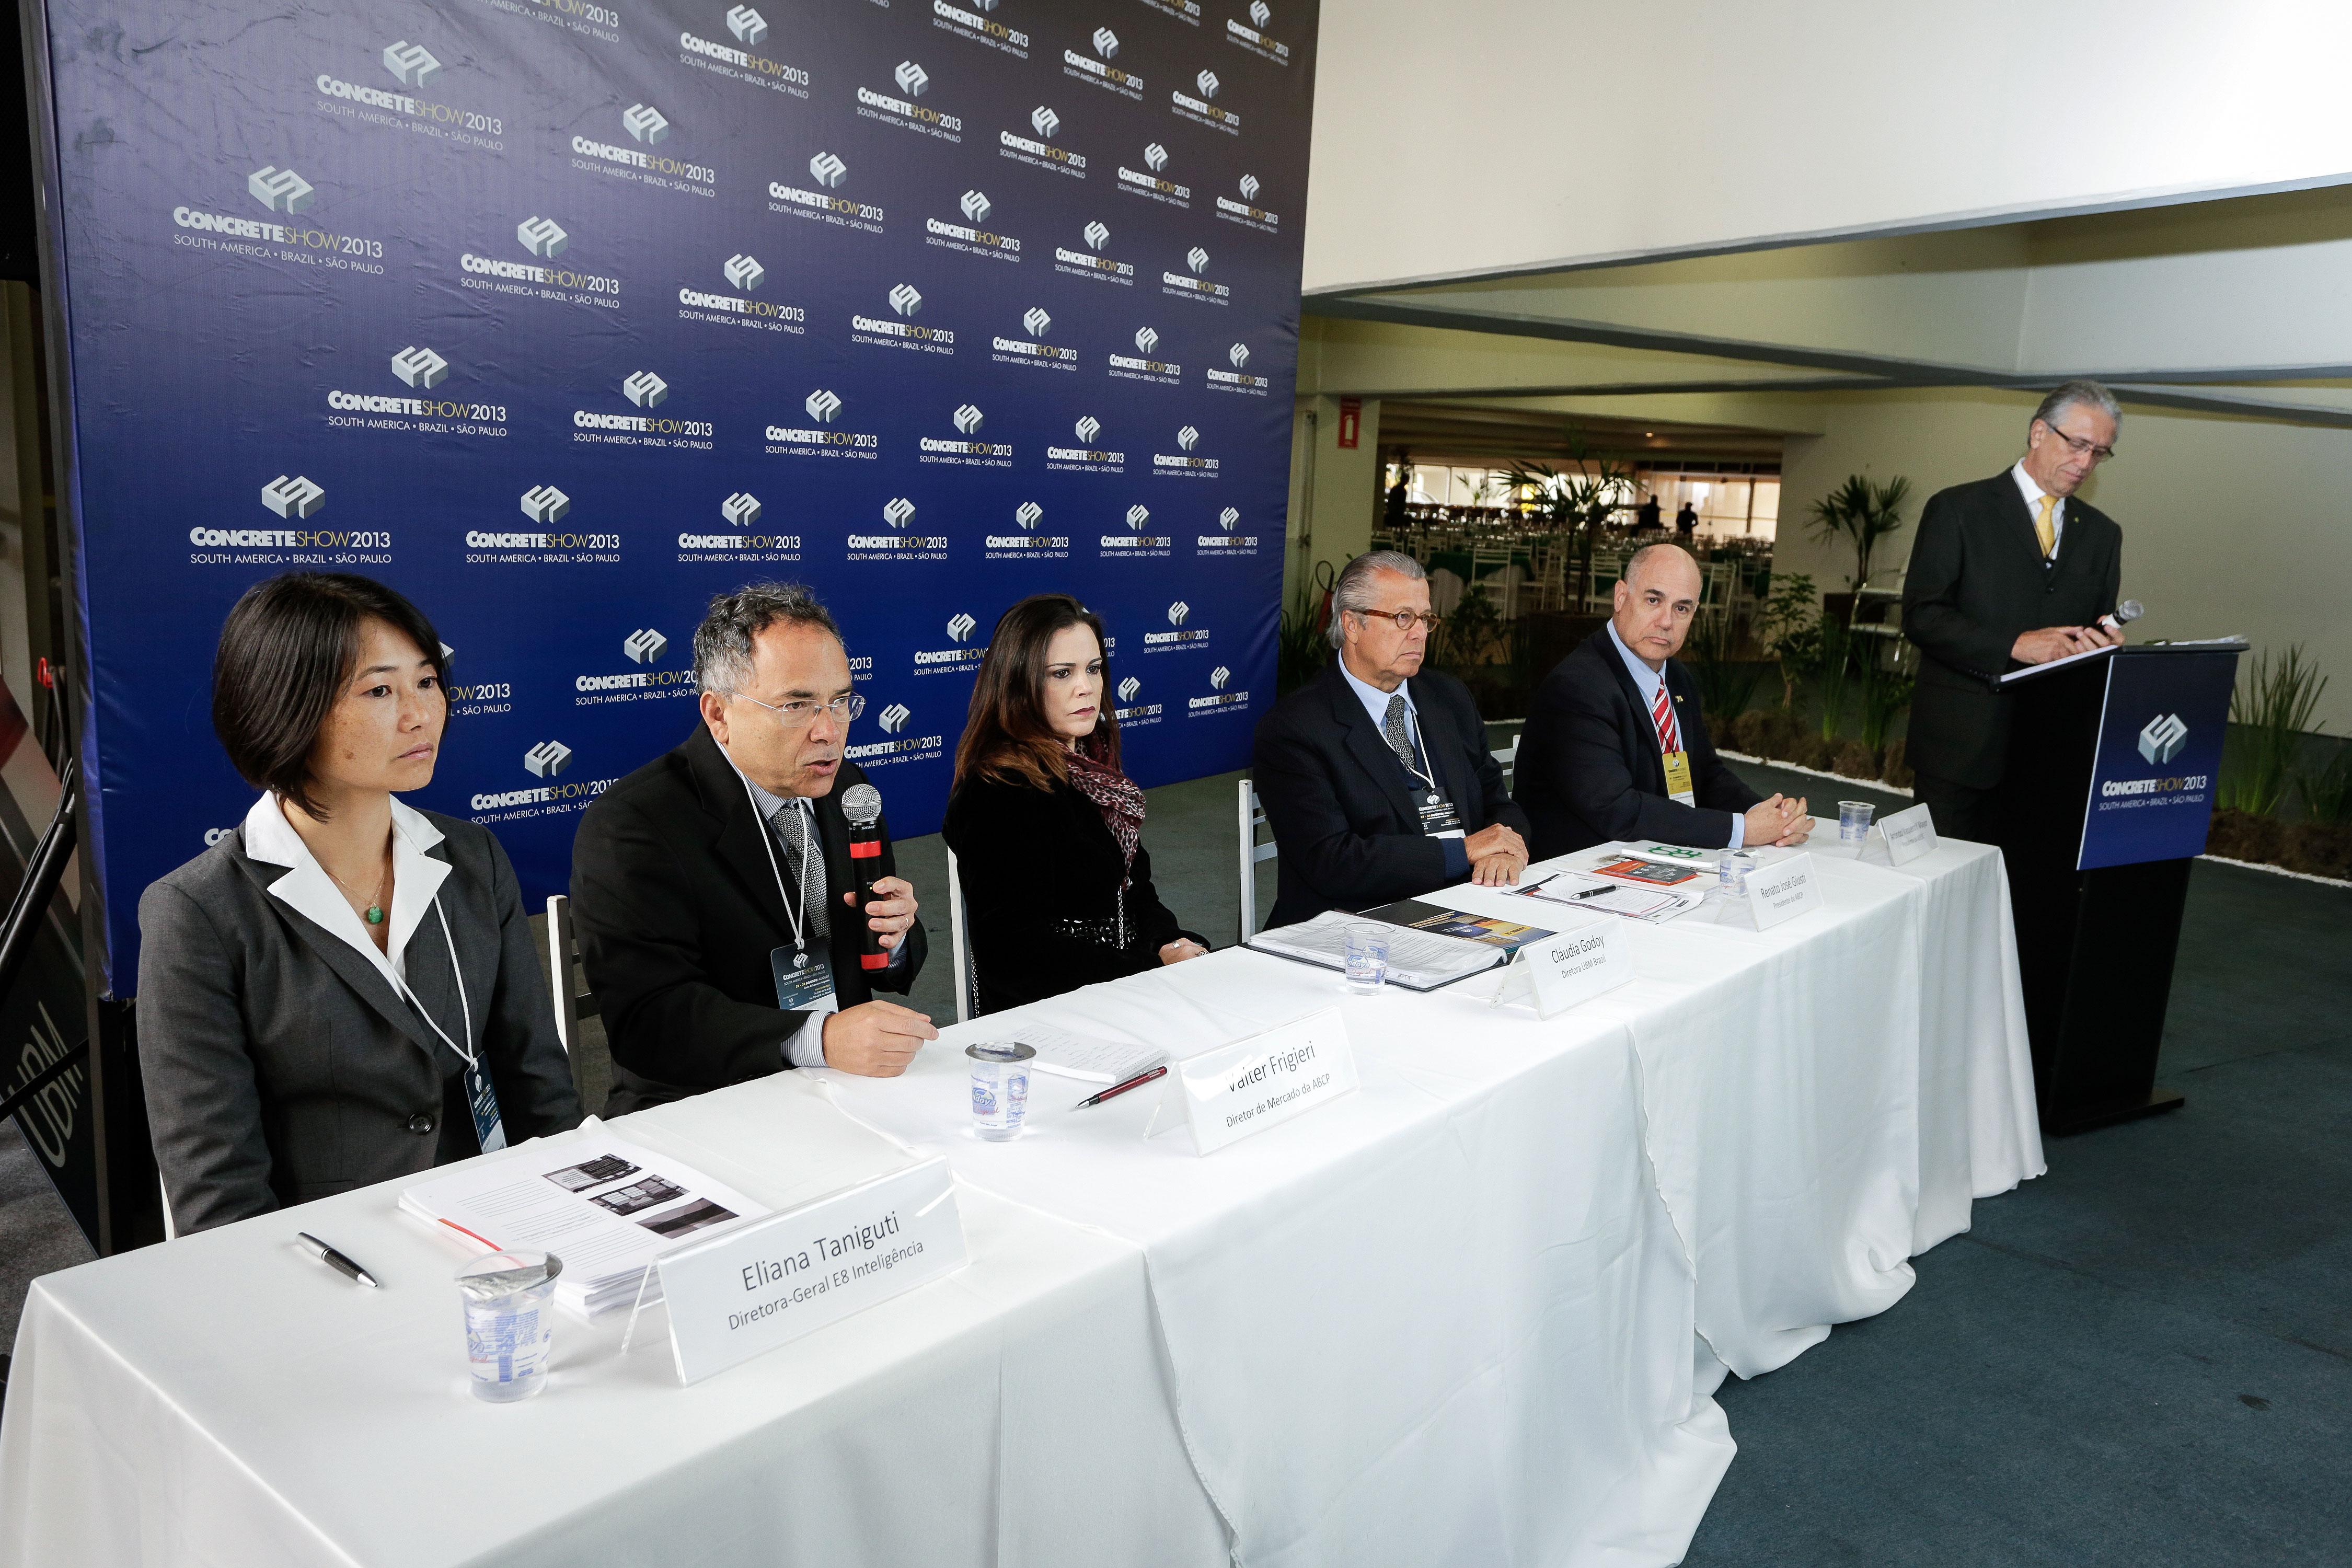 Divulgação da pesquisa encomendada pela ABCP ocorreu no Concrete Show 2013